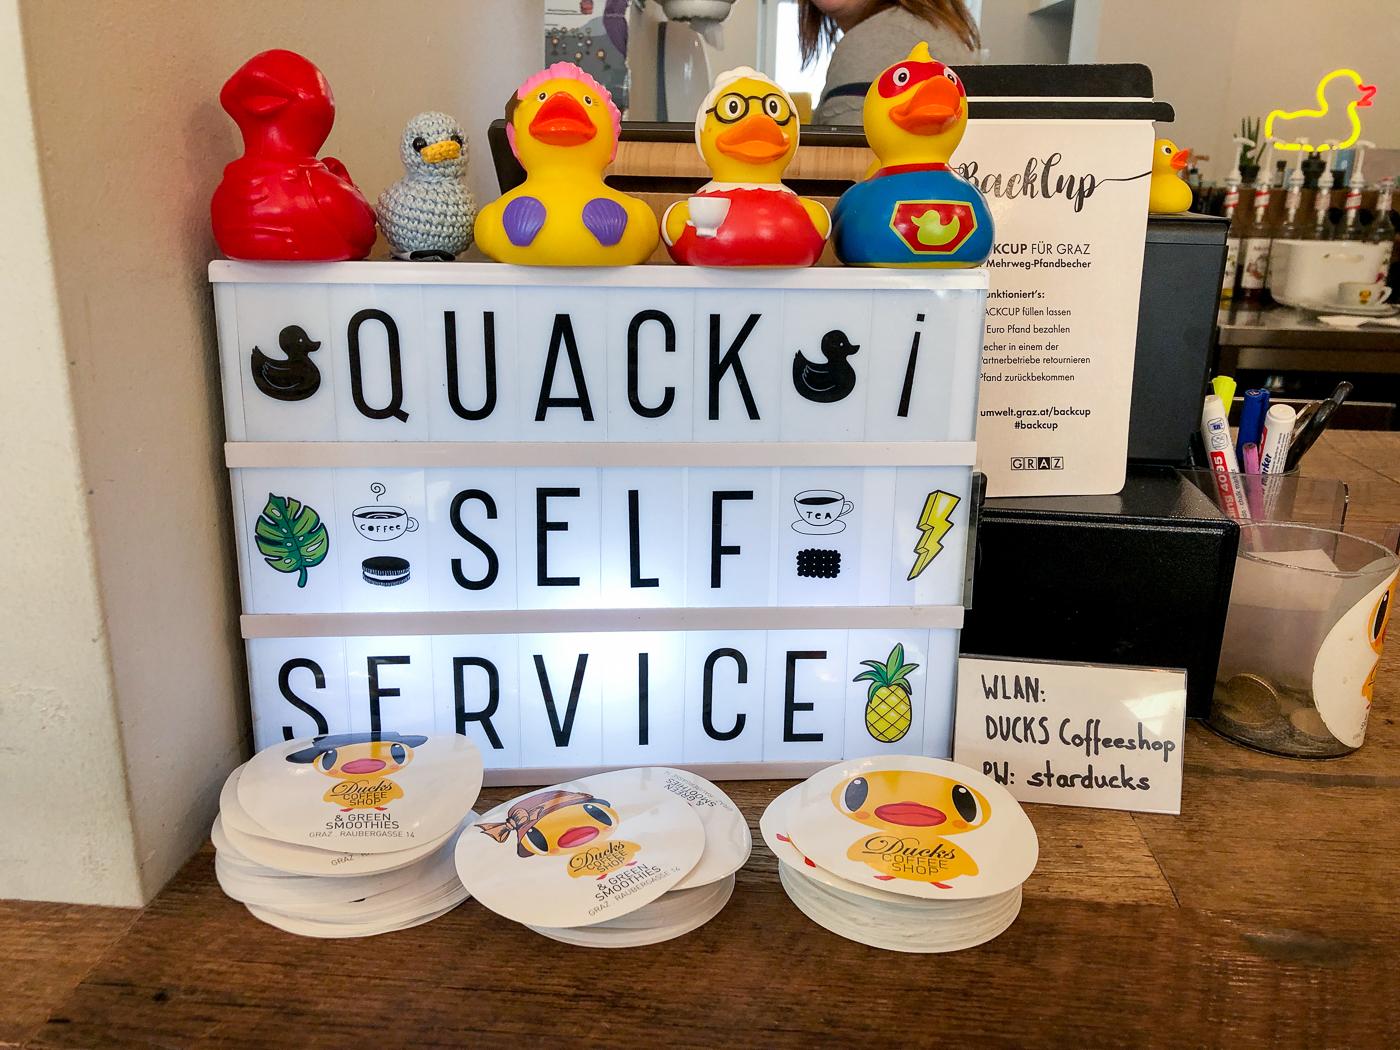 Affiche de canards du Ducks Coffee Shop de Graz